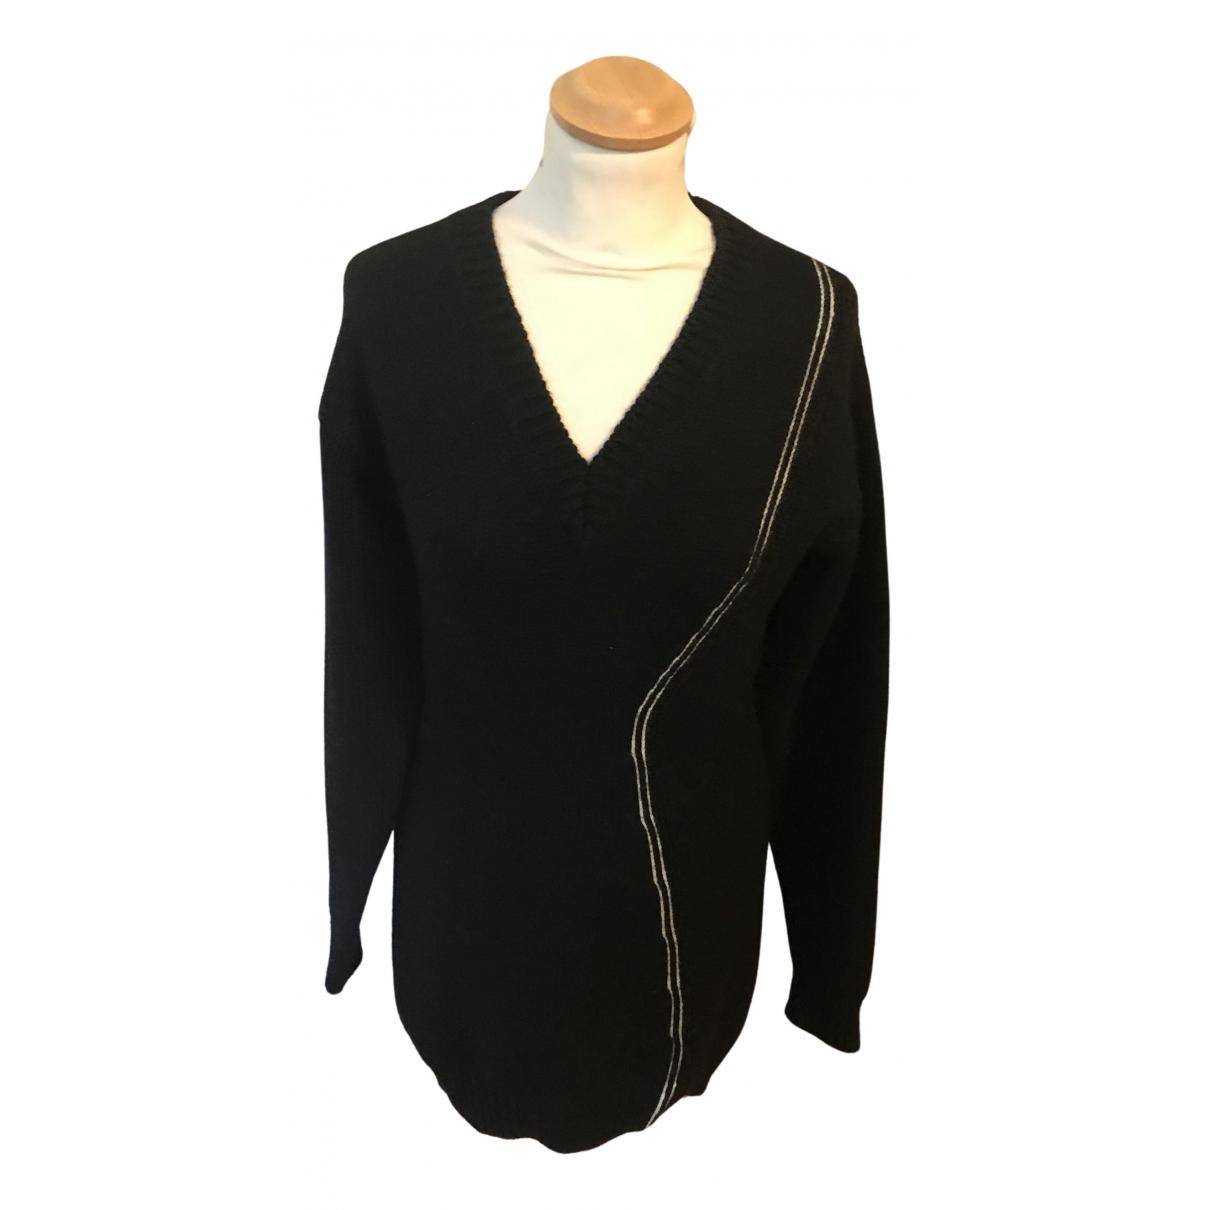 Yohji Yamamoto N Black Wool Knitwear for Women S International